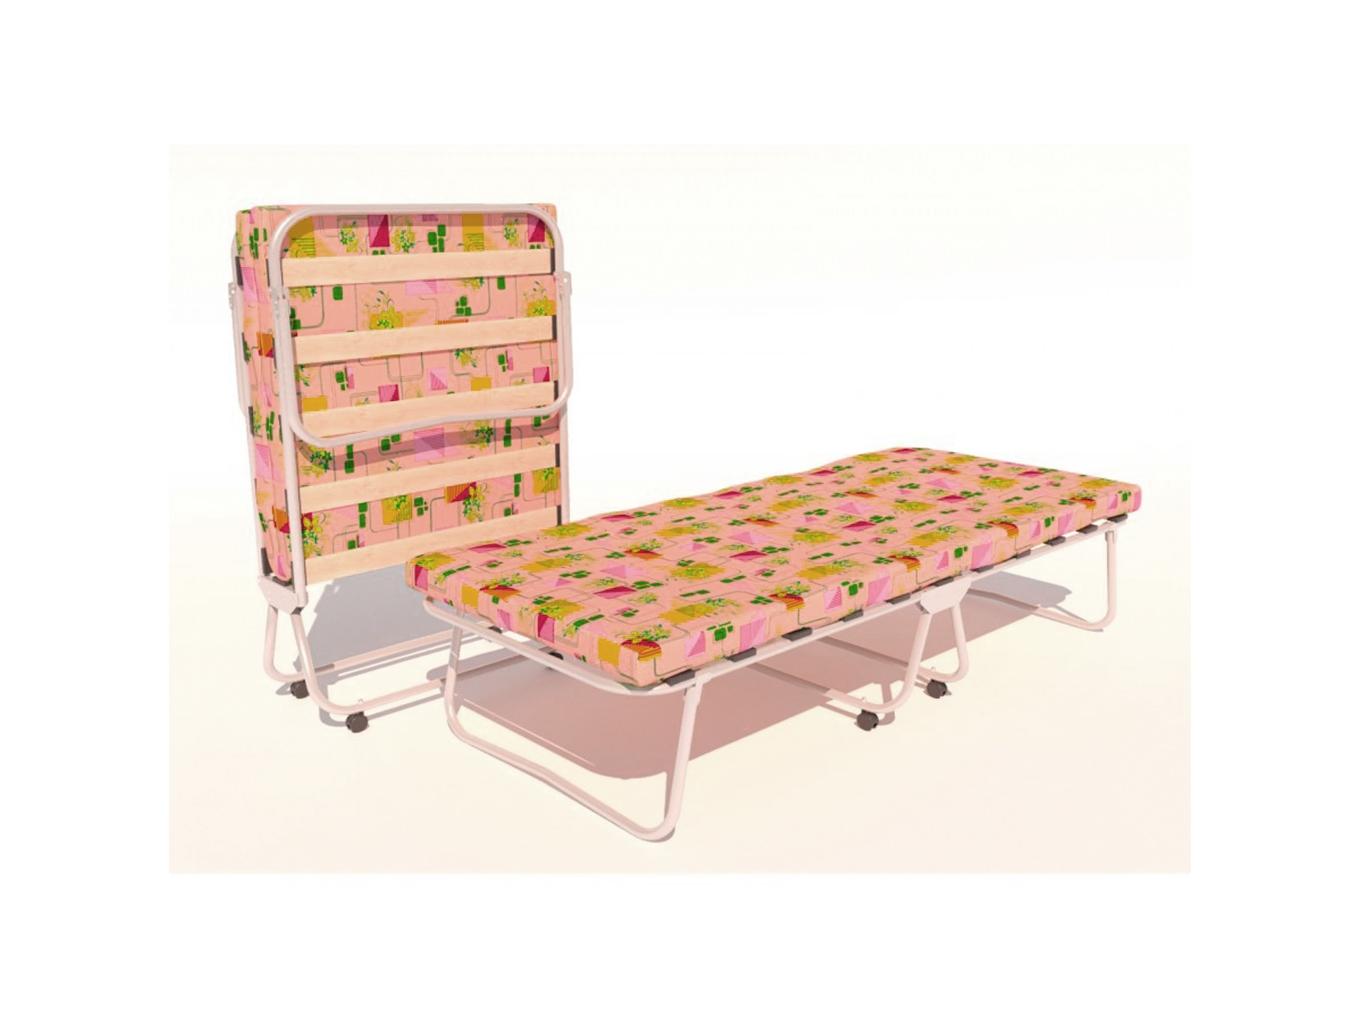 Кровать раскладная Сон-2 основание ламели до 120 кг